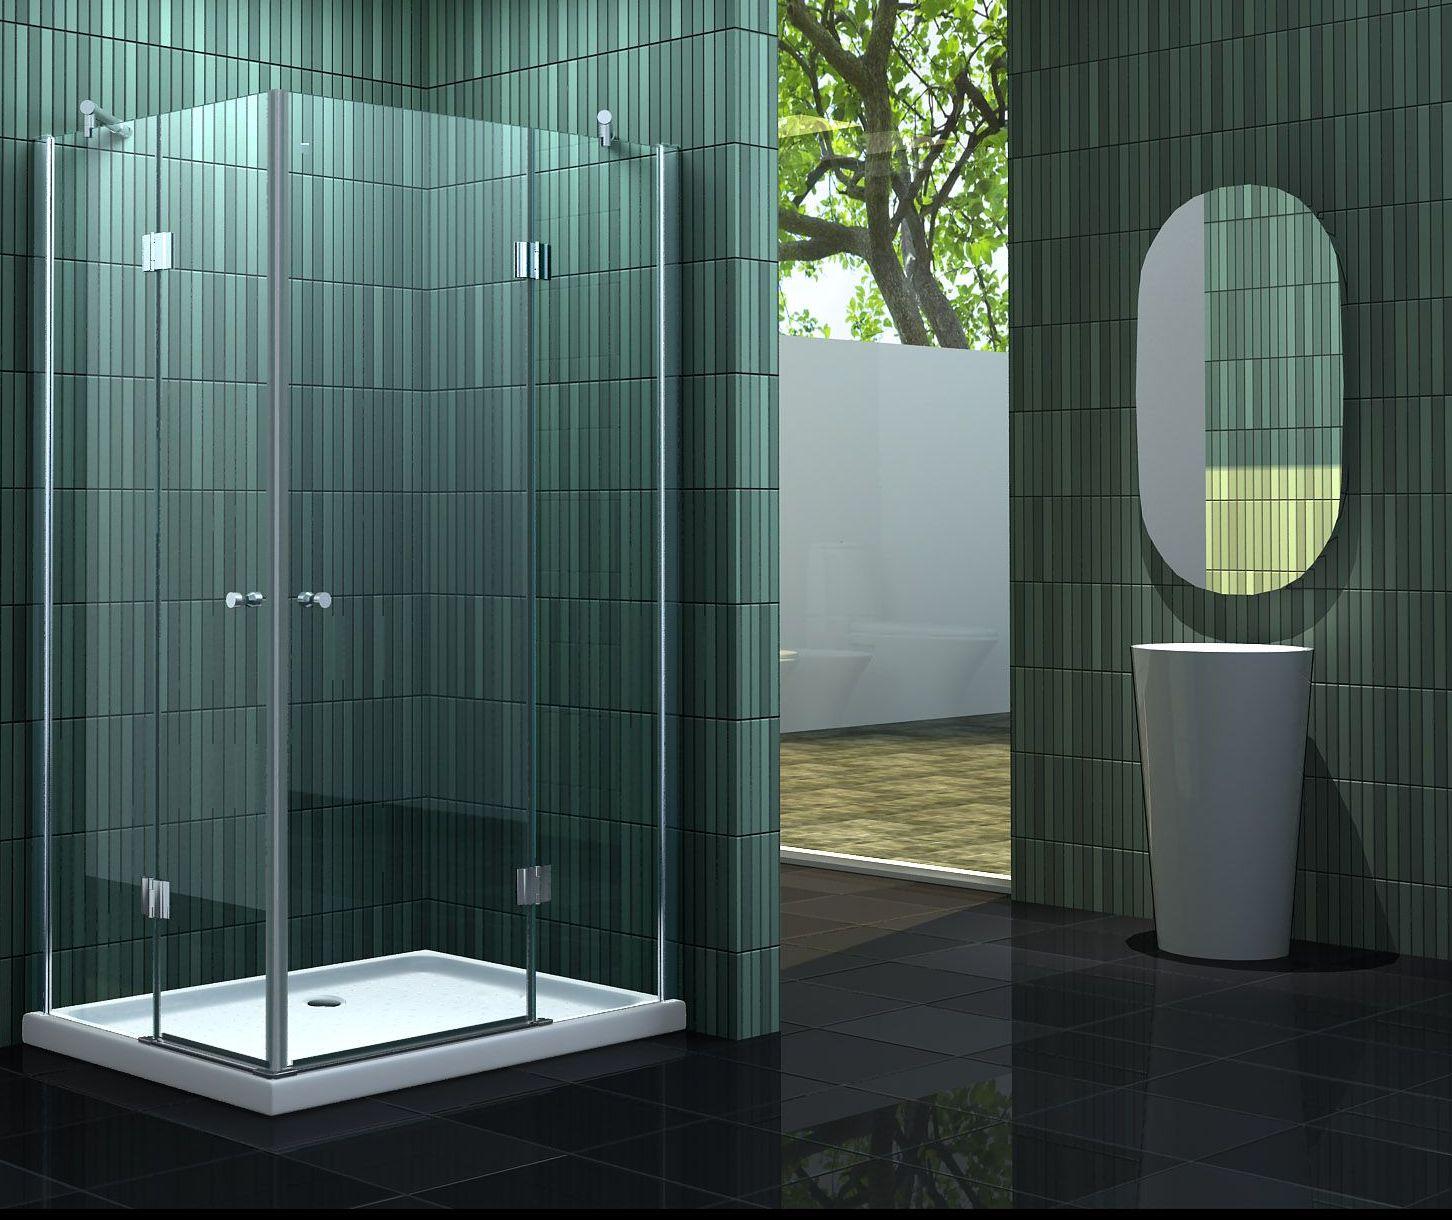 Duschkabine NEOTEC 120 x 90 x 200 cm inkl. Duschtasse